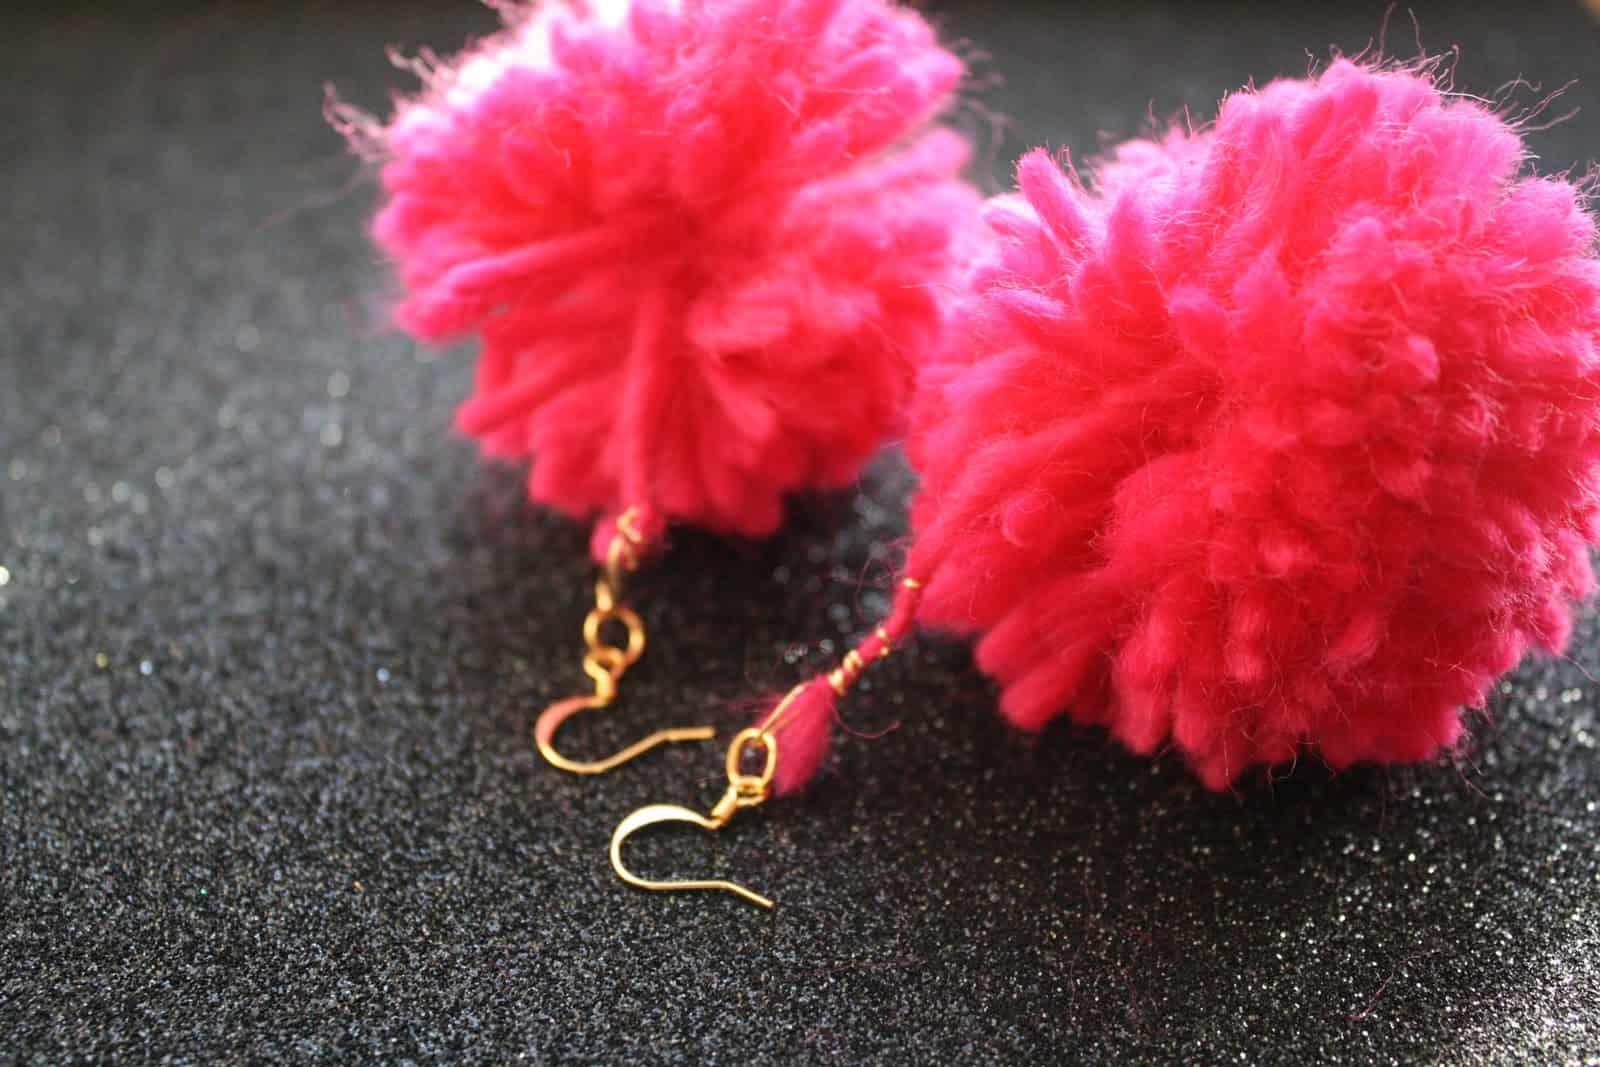 Just the pom pom earrings